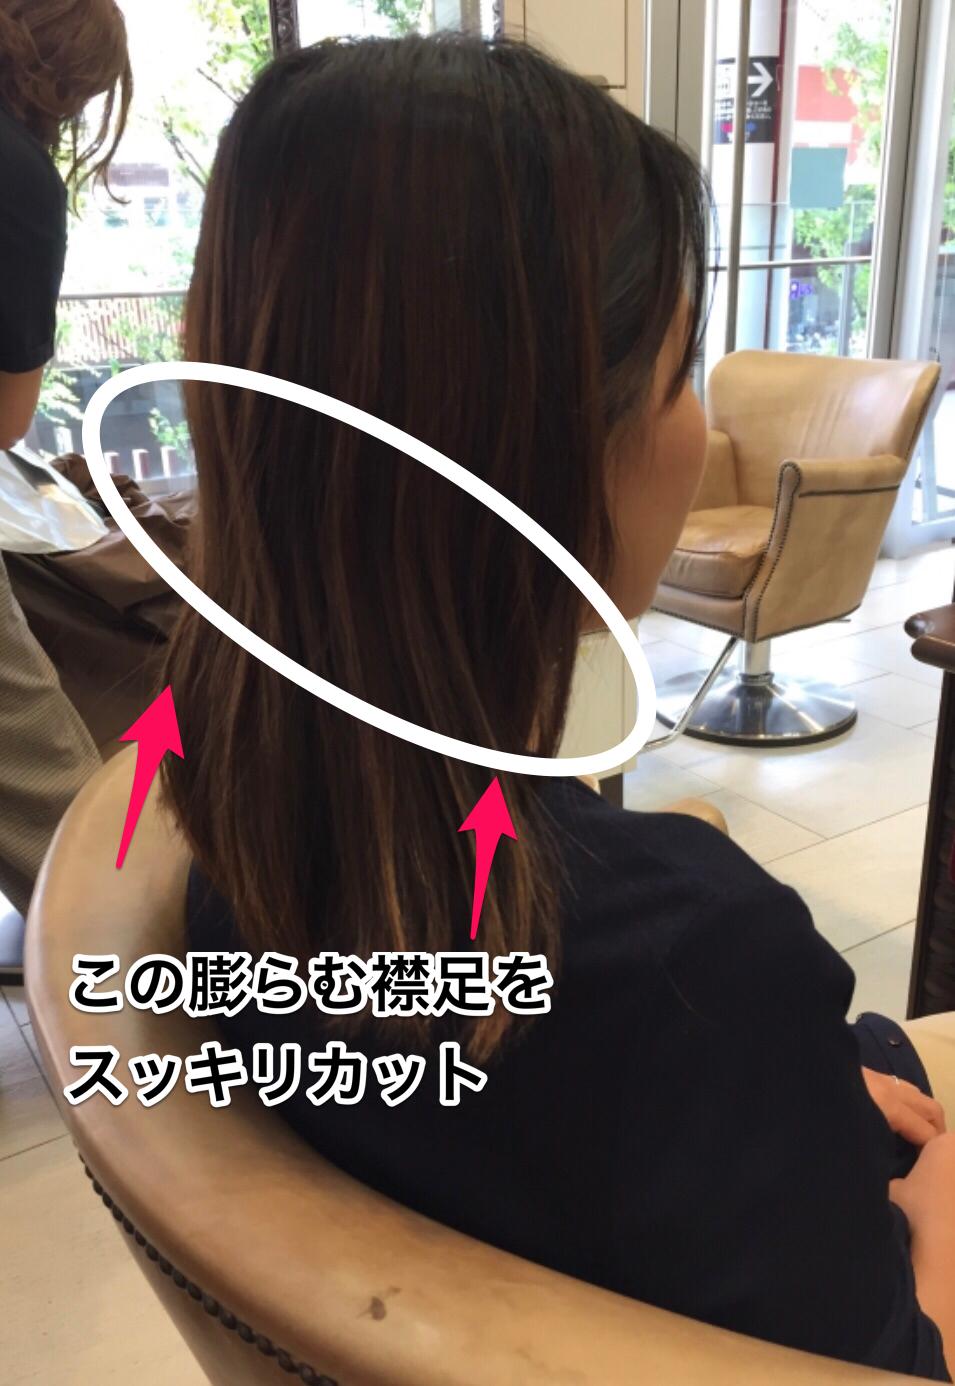 [ショートヘア ]ママさんの膨らむ襟足スッキリカットしてお悩み解消!!